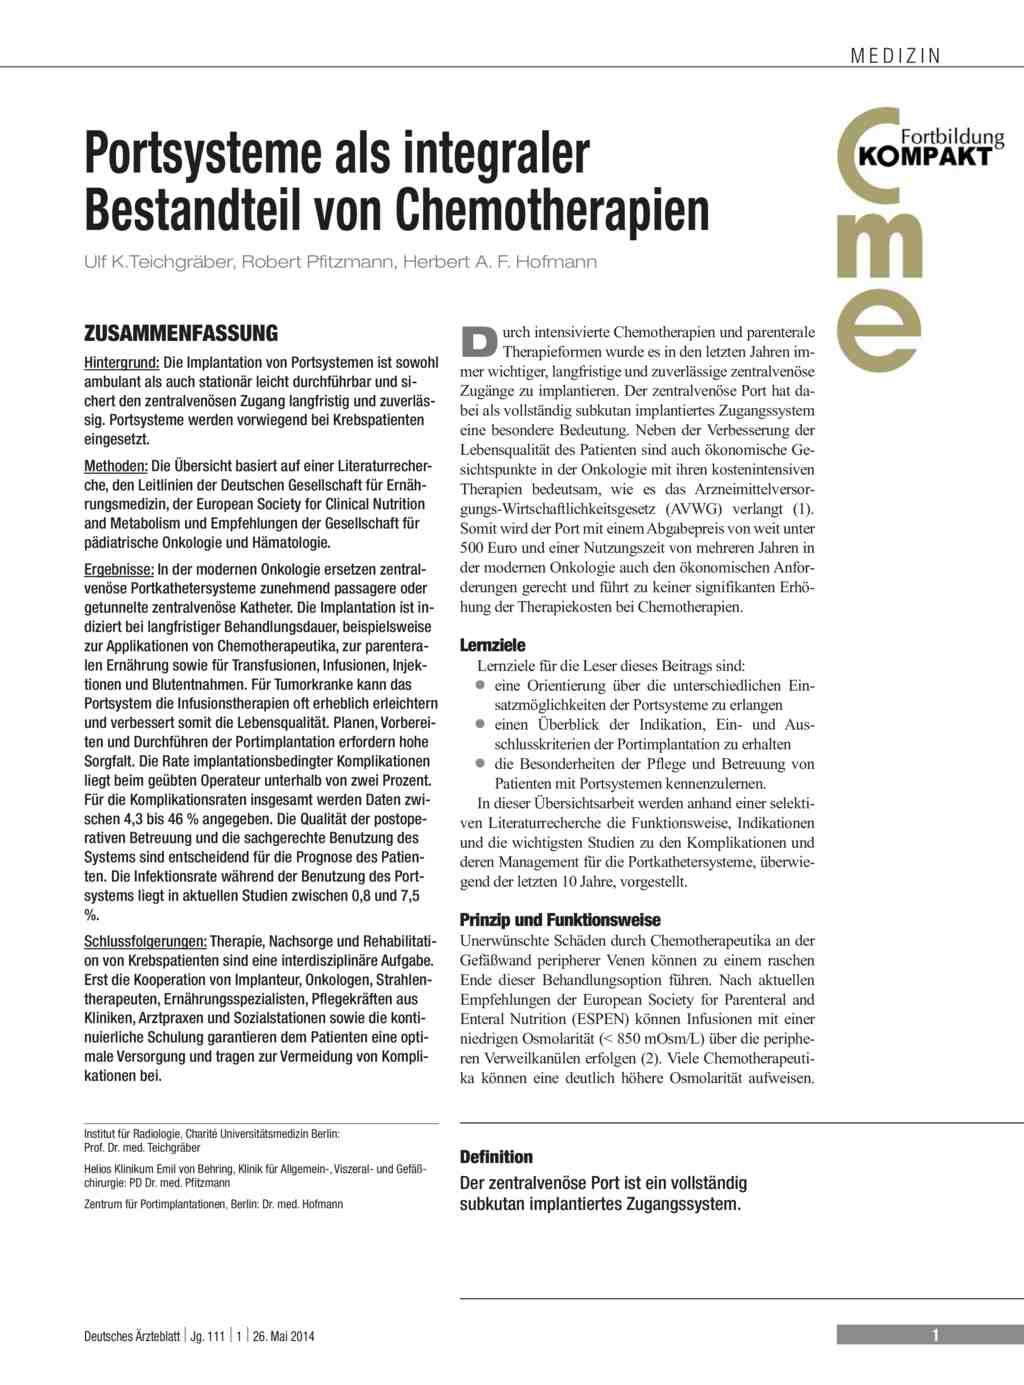 Portsysteme als integraler Bestandteil von Chemotherapien